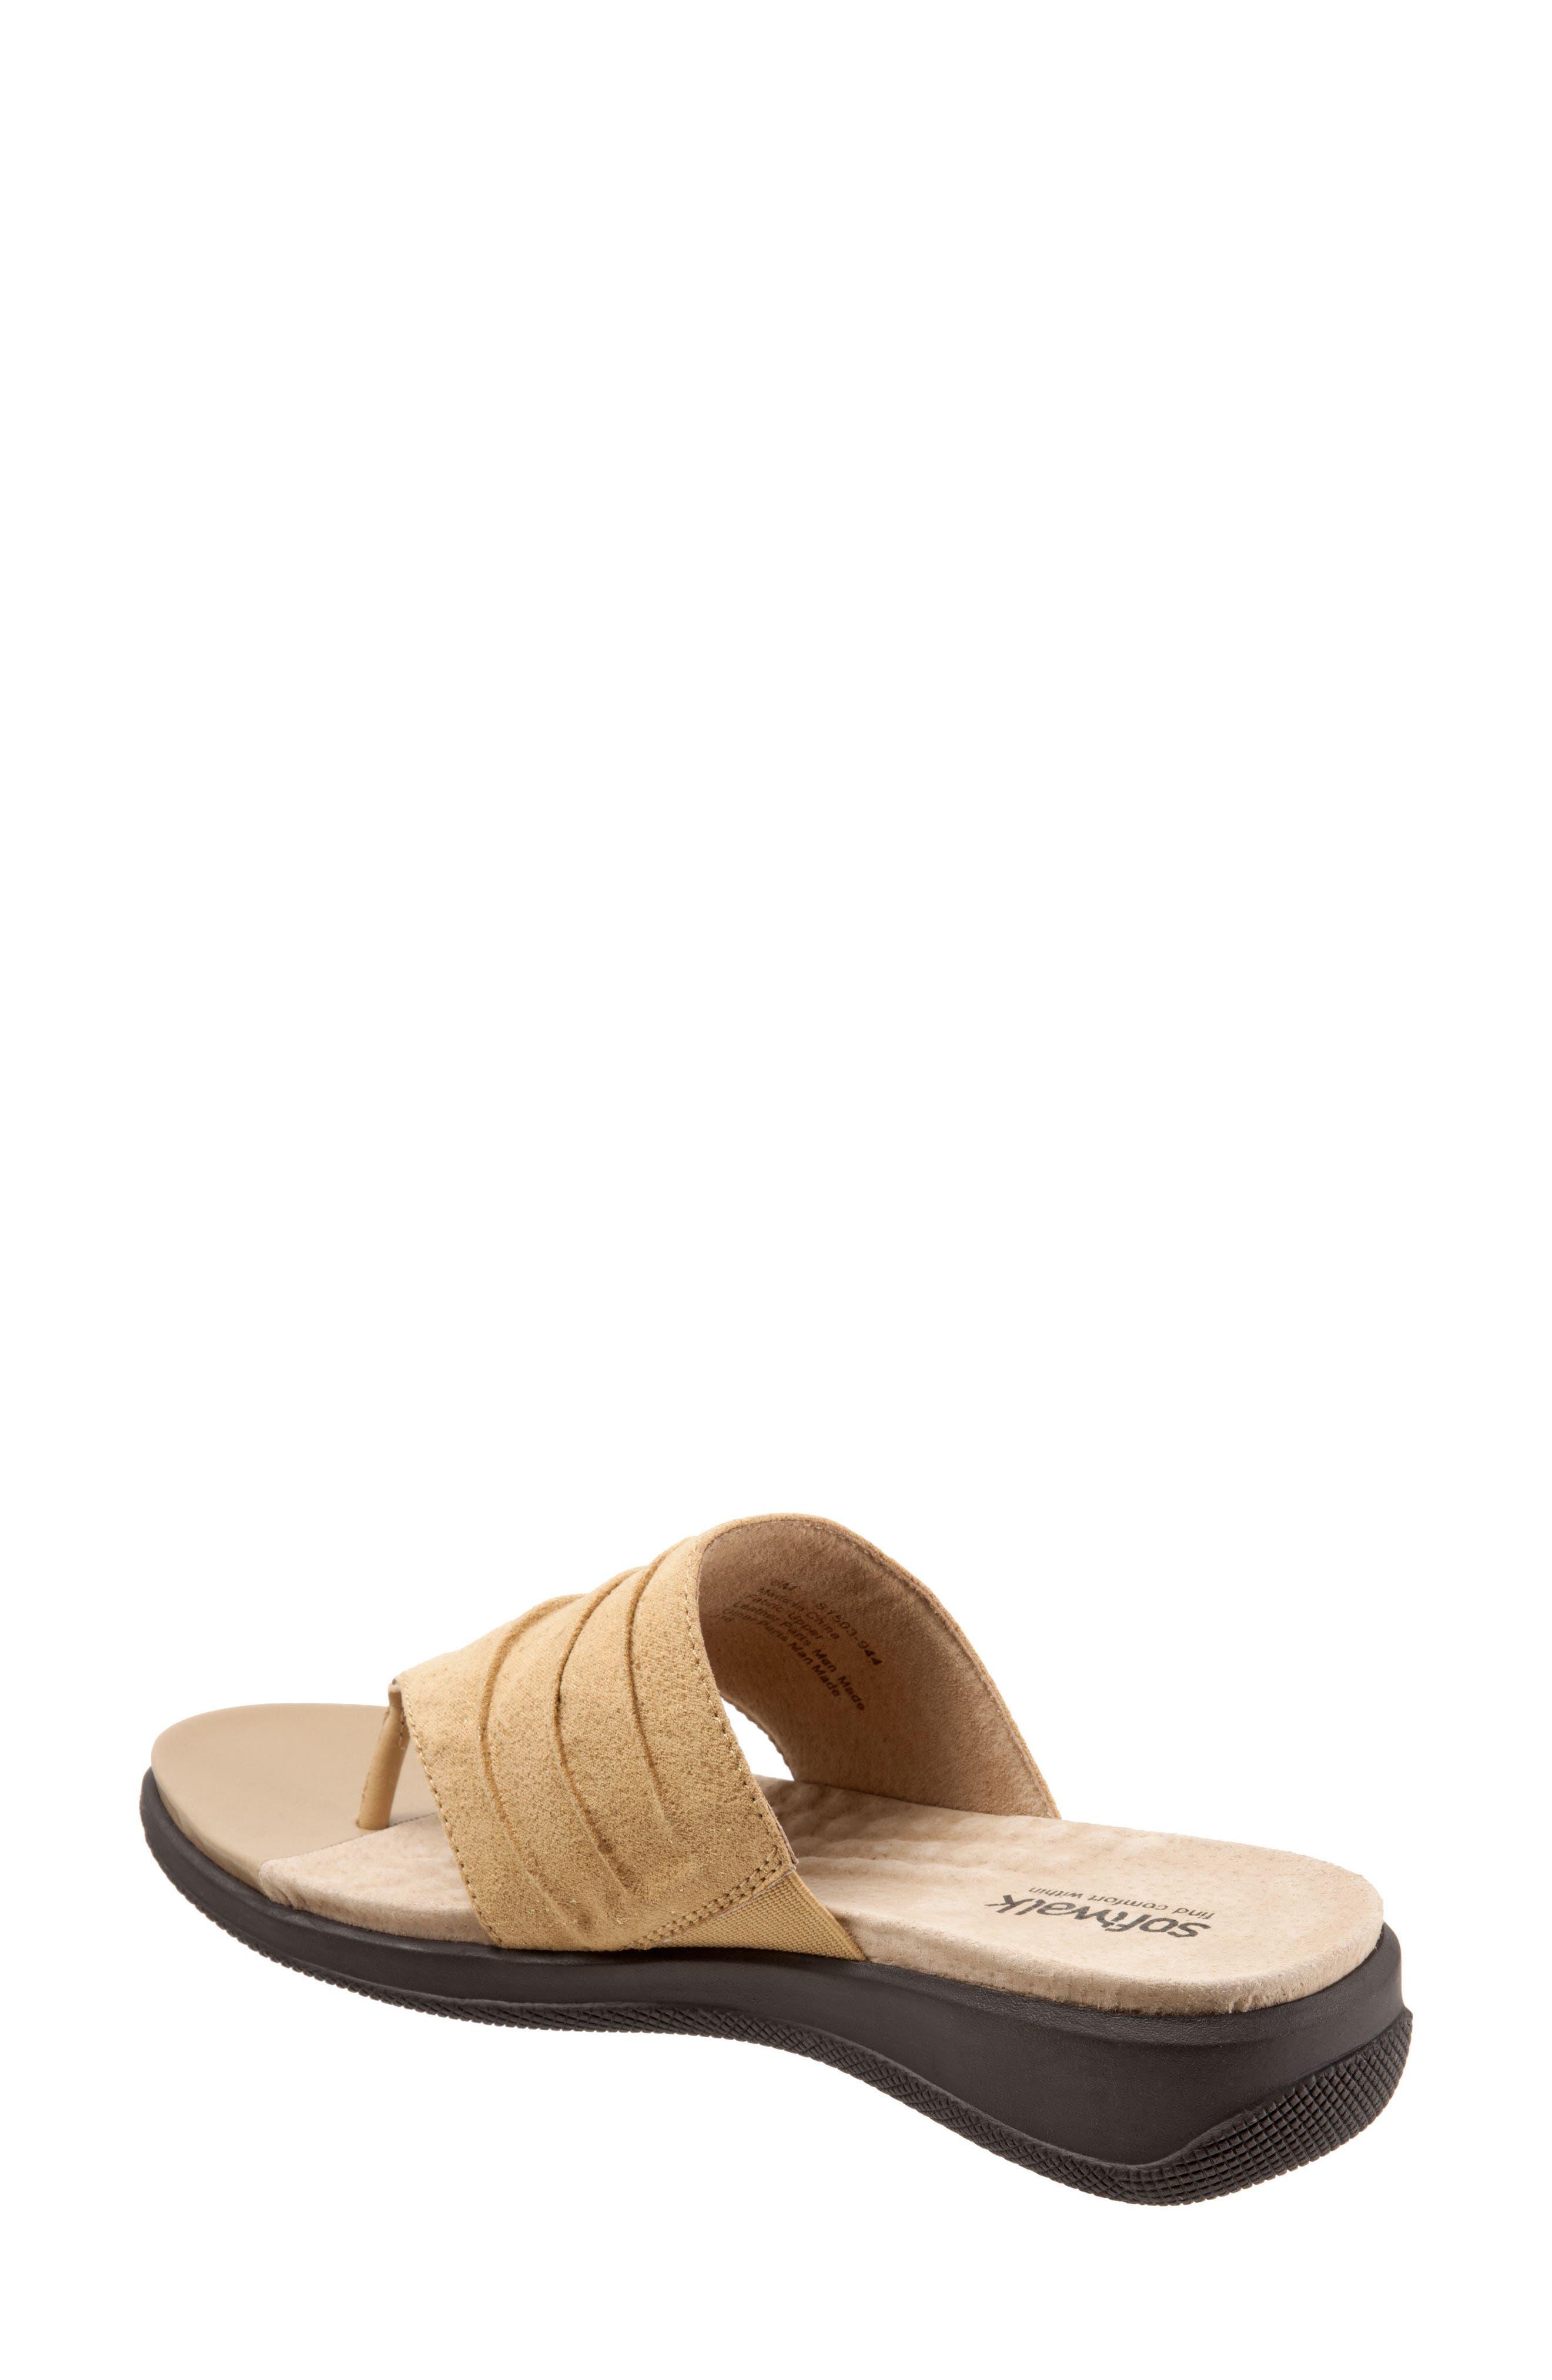 Alternate Image 2  - SoftWalk® 'Toma' Thong Sandal (Women)